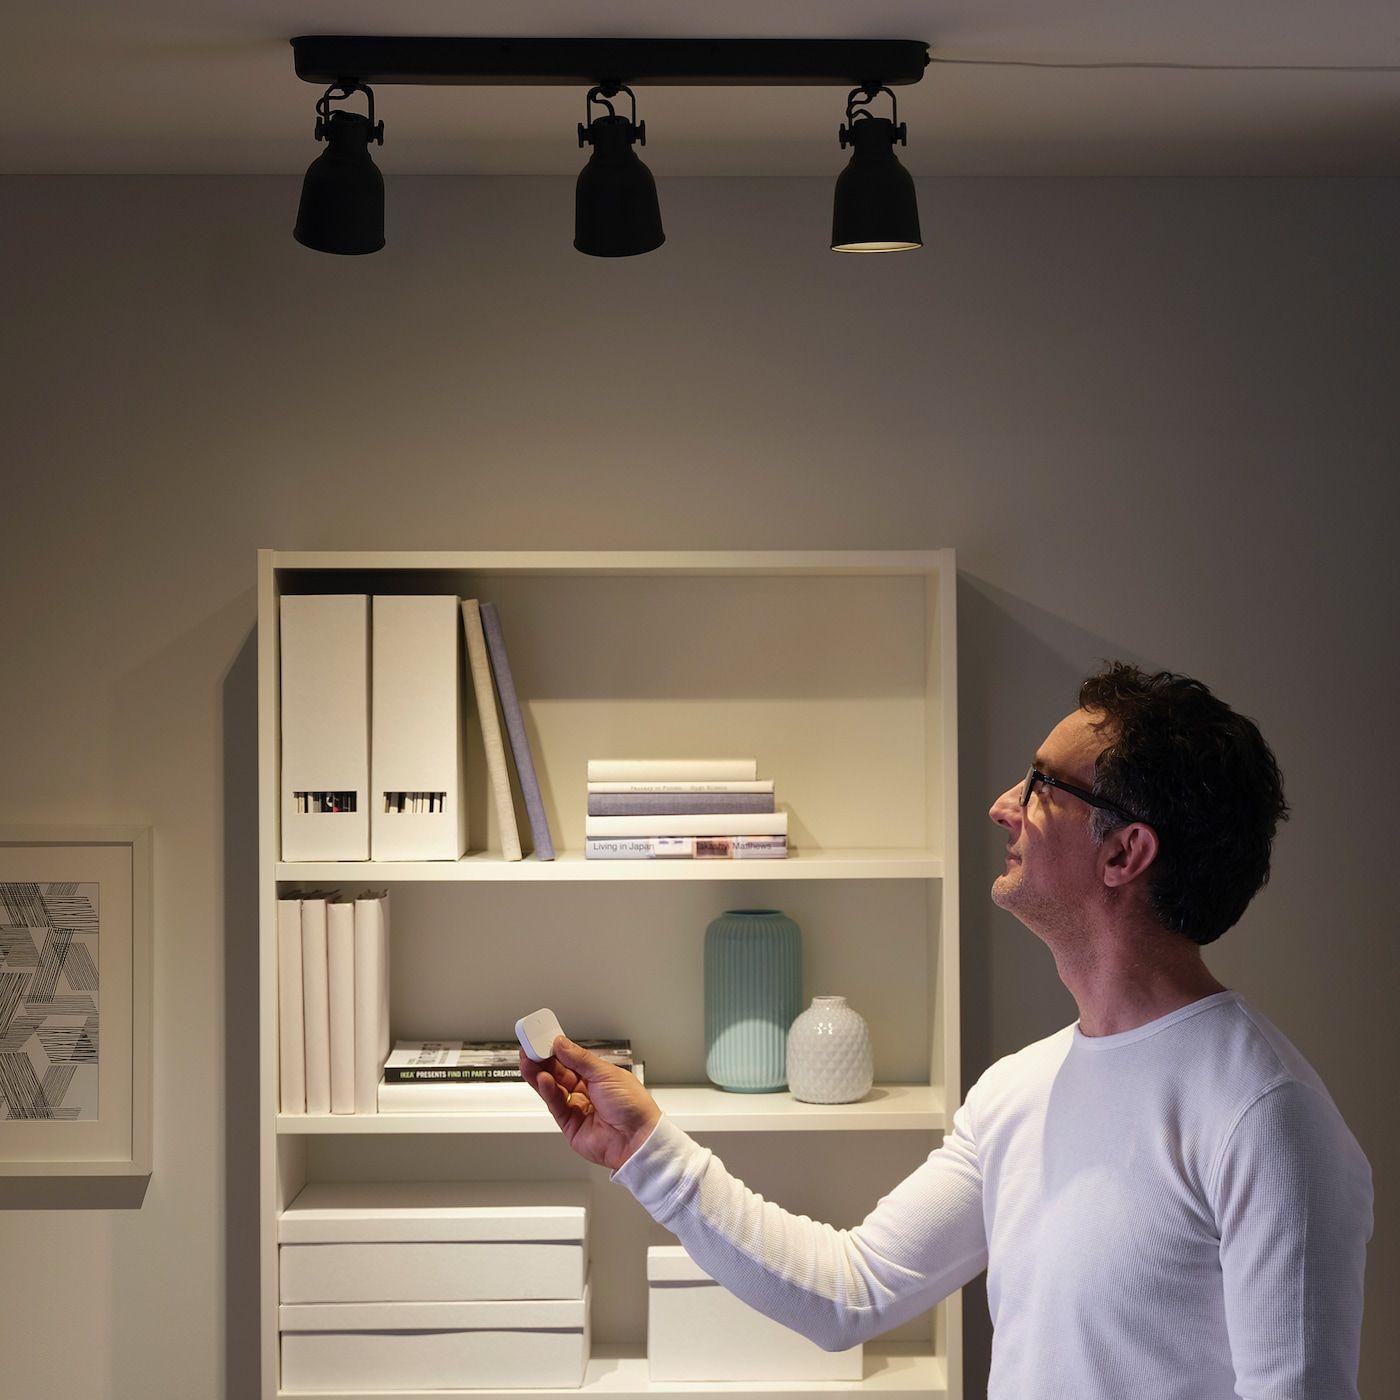 Full Size of Ikea Led Panel Lampen Wohnzimmer Küche Deckenleuchte Sofa Mit Schlaffunktion Kunstleder Leder Braun Echtleder Einbaustrahler Bad Weiß Wohnzimmer Ikea Led Panel